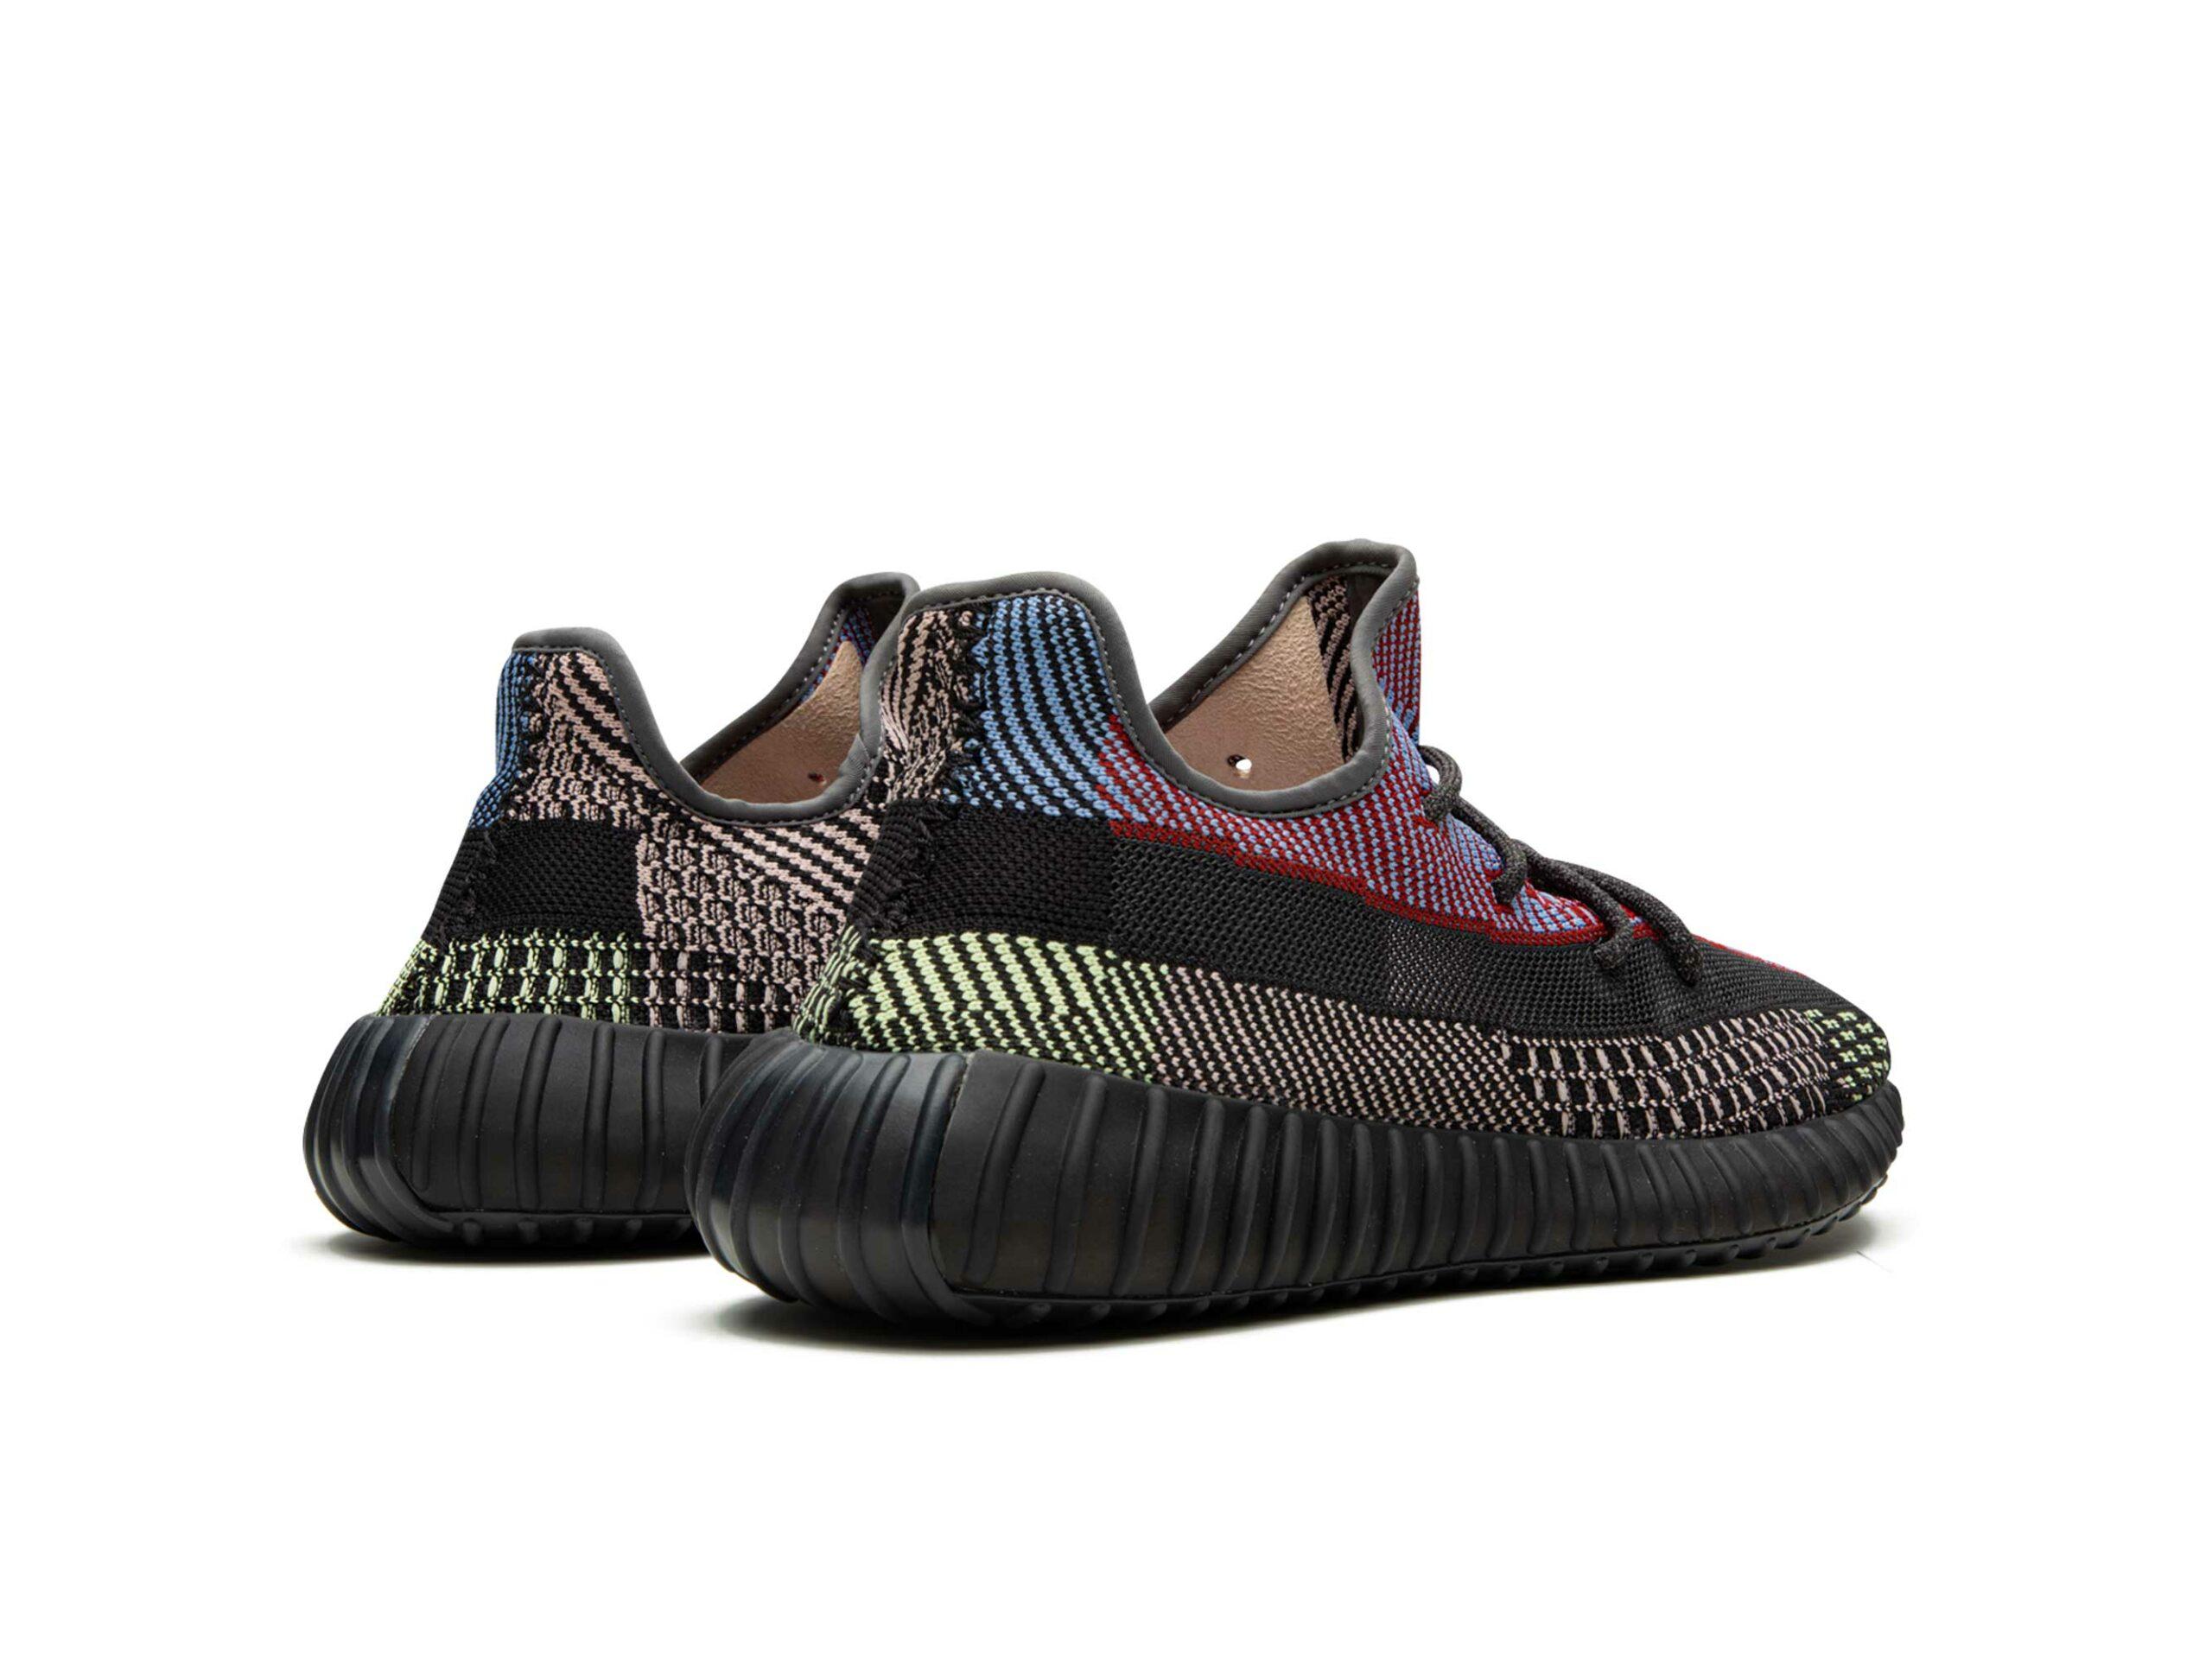 adidas yeezy 350 v2 yechiel fw5190